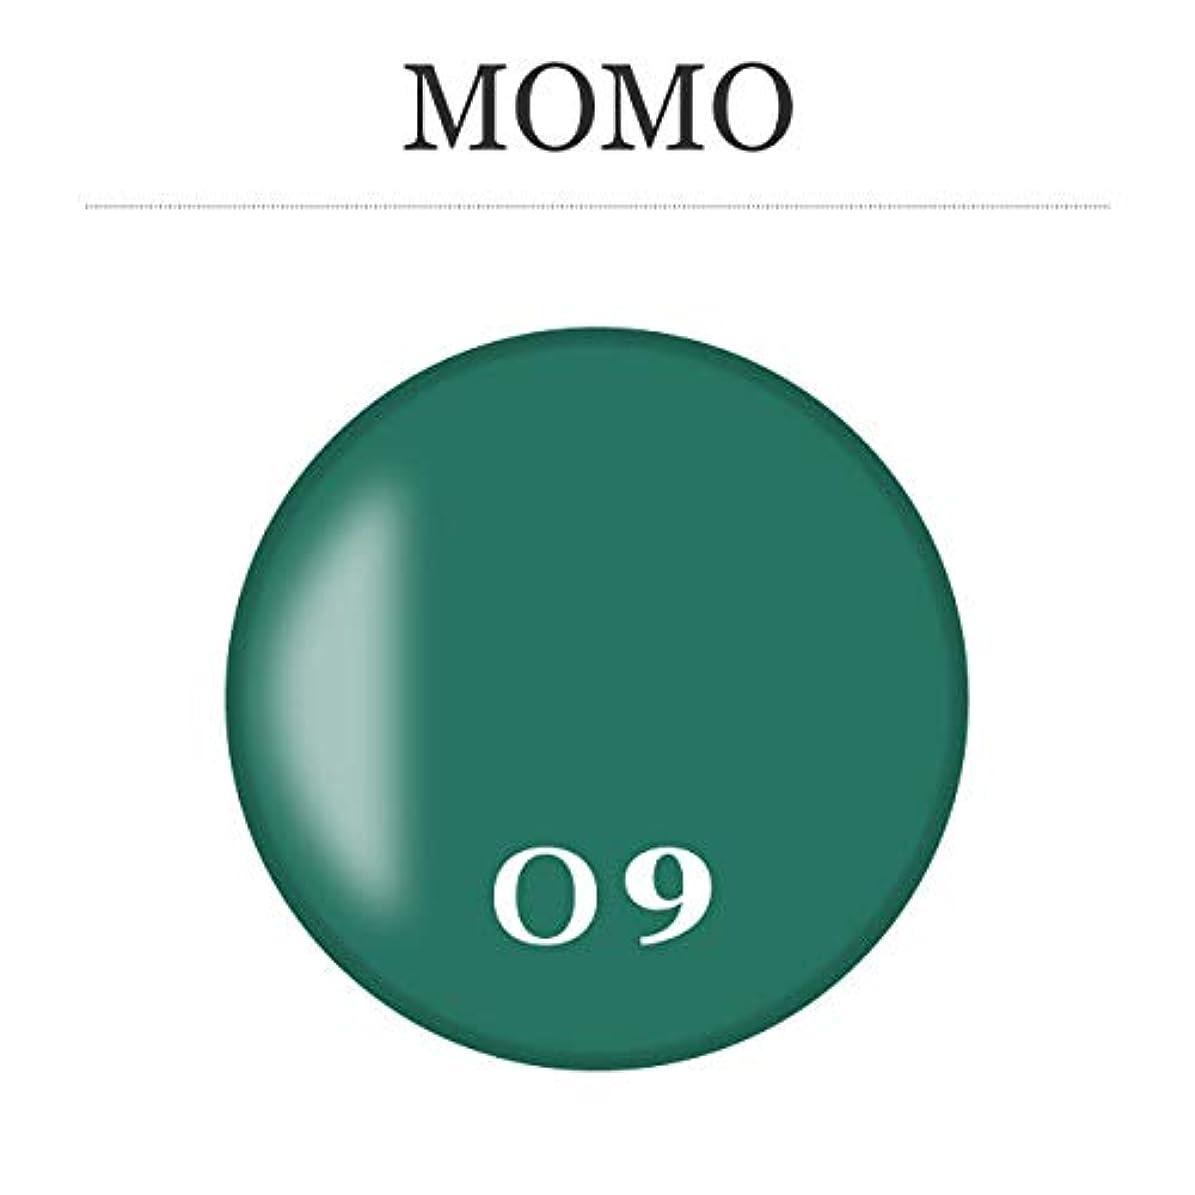 戻す相互禁止するカラージェル MOMO-09 by nail for all